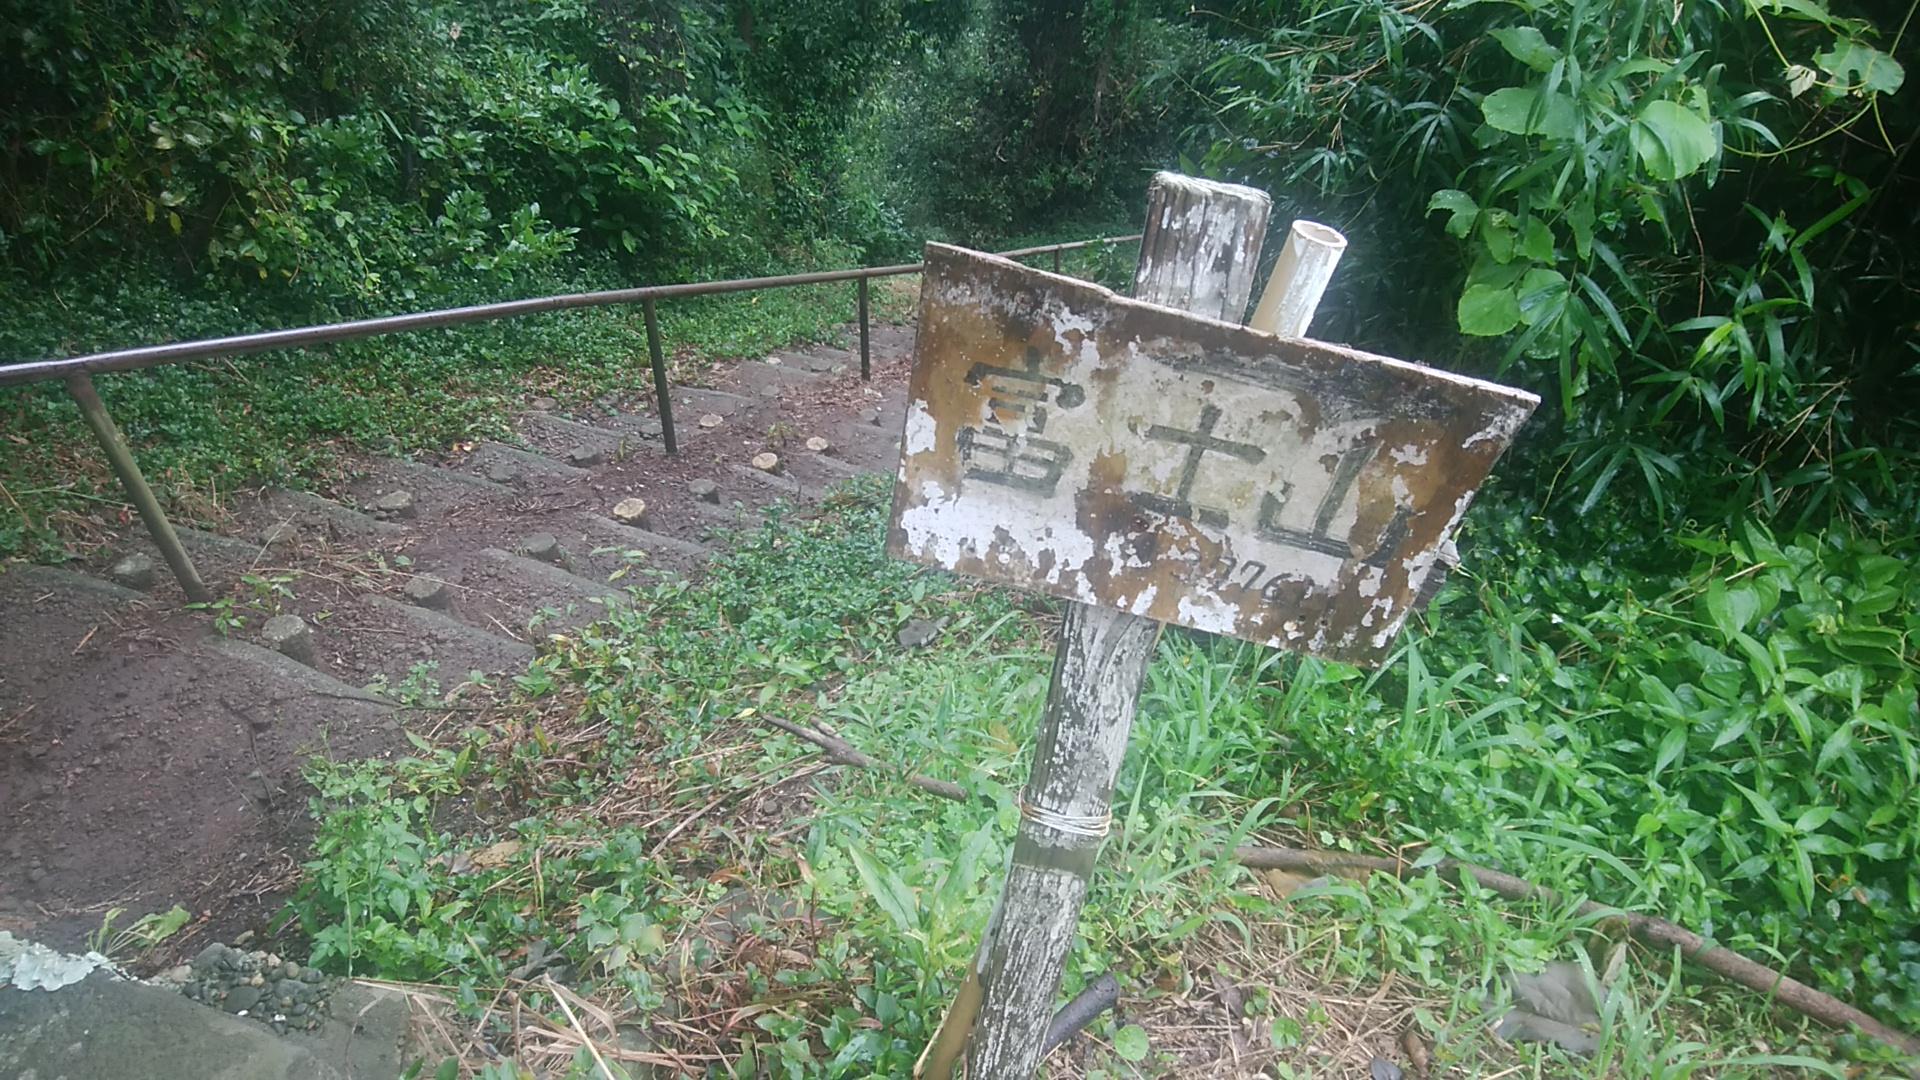 湿気の多い低山では熱中症や毒虫などのリスクが高まる